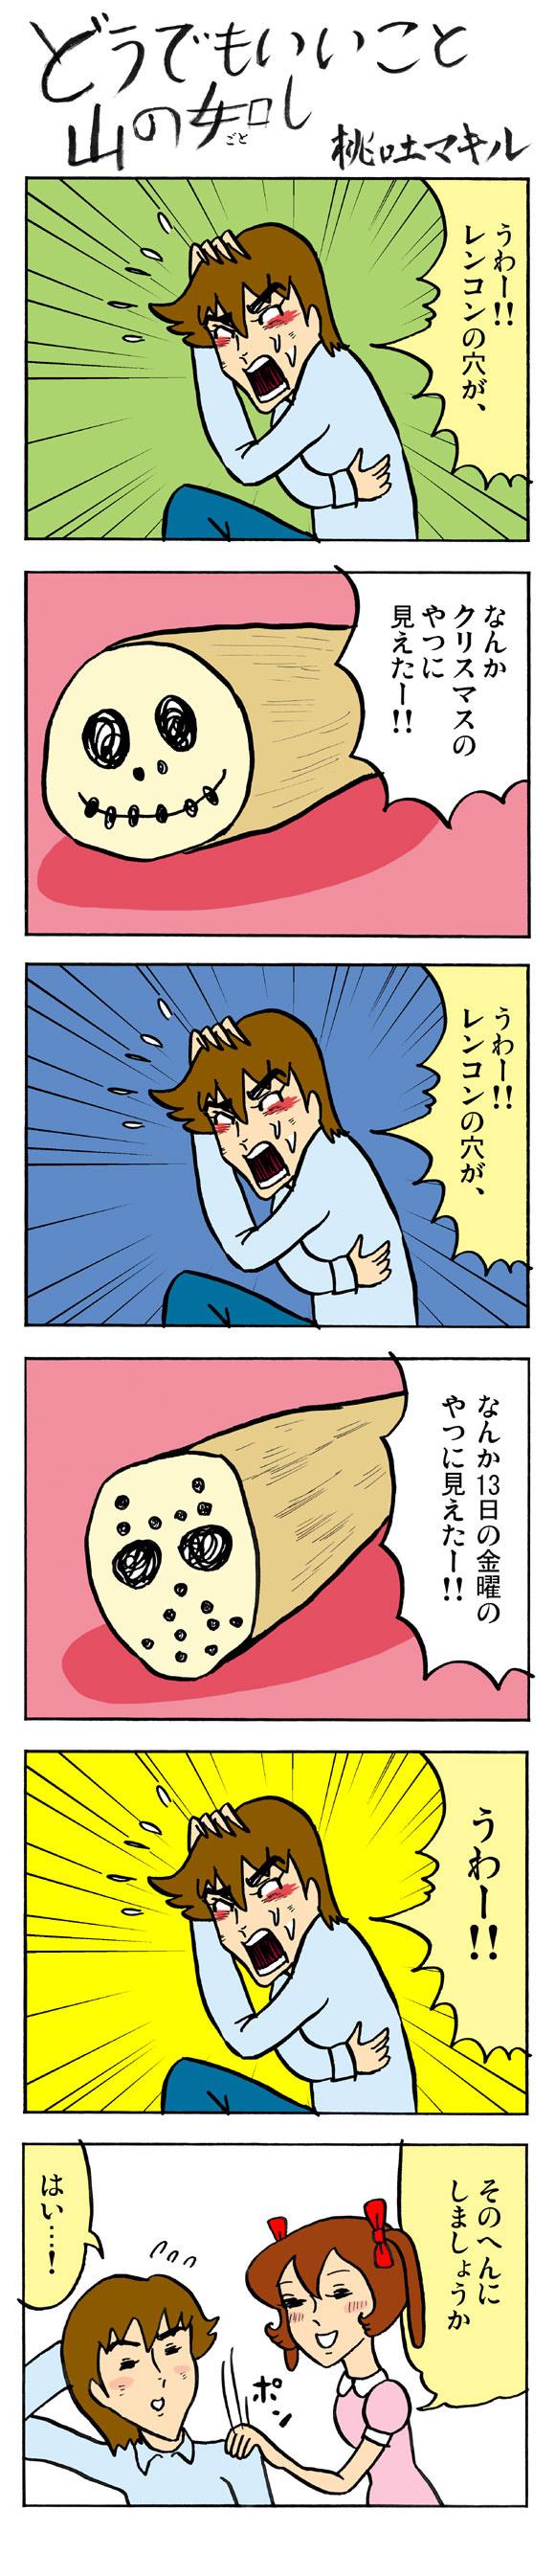 【まんが】どうでもいいこと山の如し「第91話:恐怖の如し3」 by 桃吐マキル